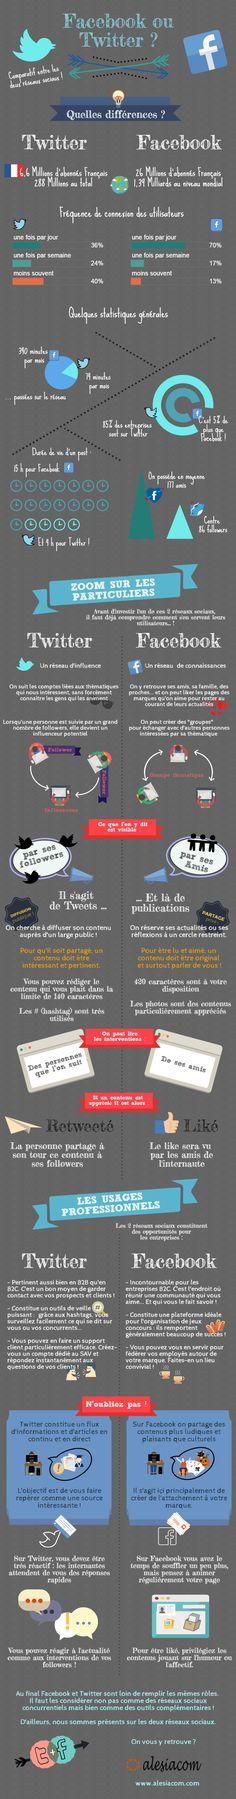 Une infographie pour choisir entre Facebook et Twitter.